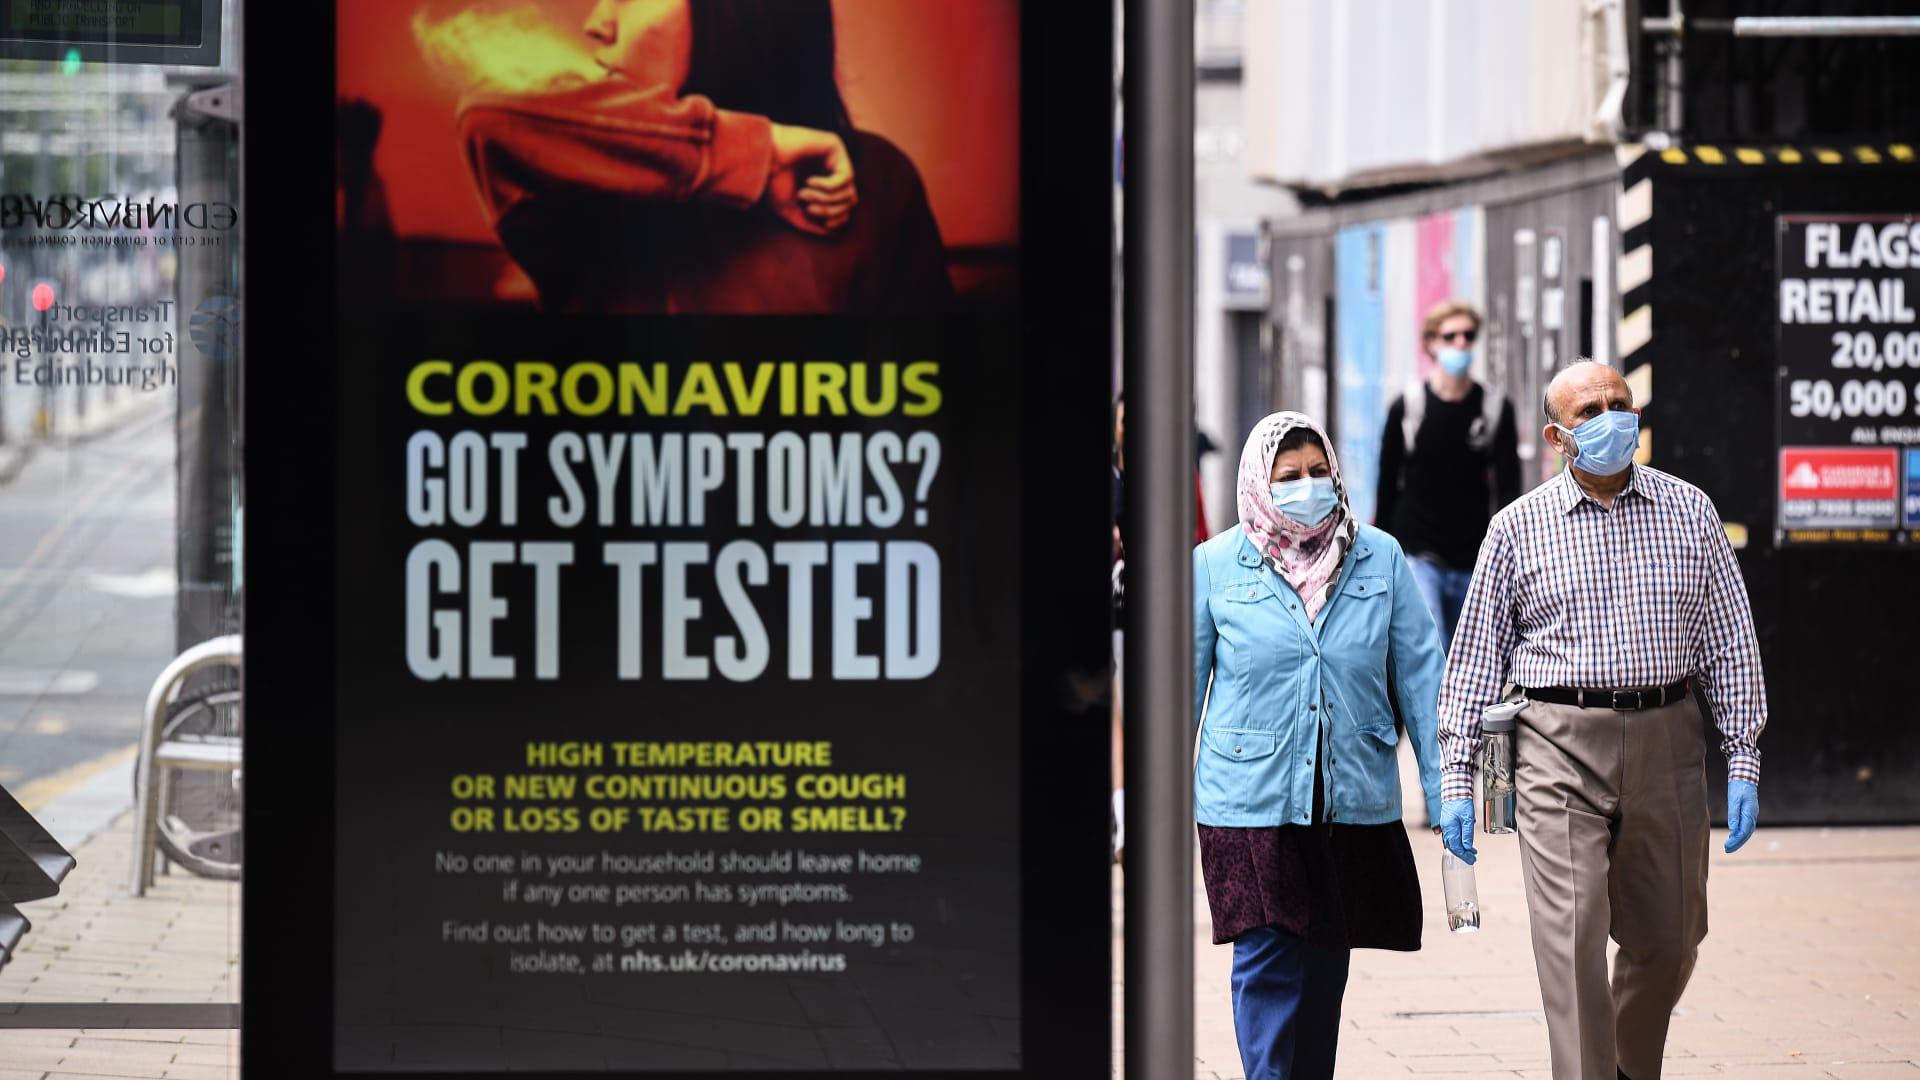 مقارنة بين وضع فيروس كورونا في إيطاليا وأمريكا.. الأولى كانت بمثابة حكاية تحذيرية